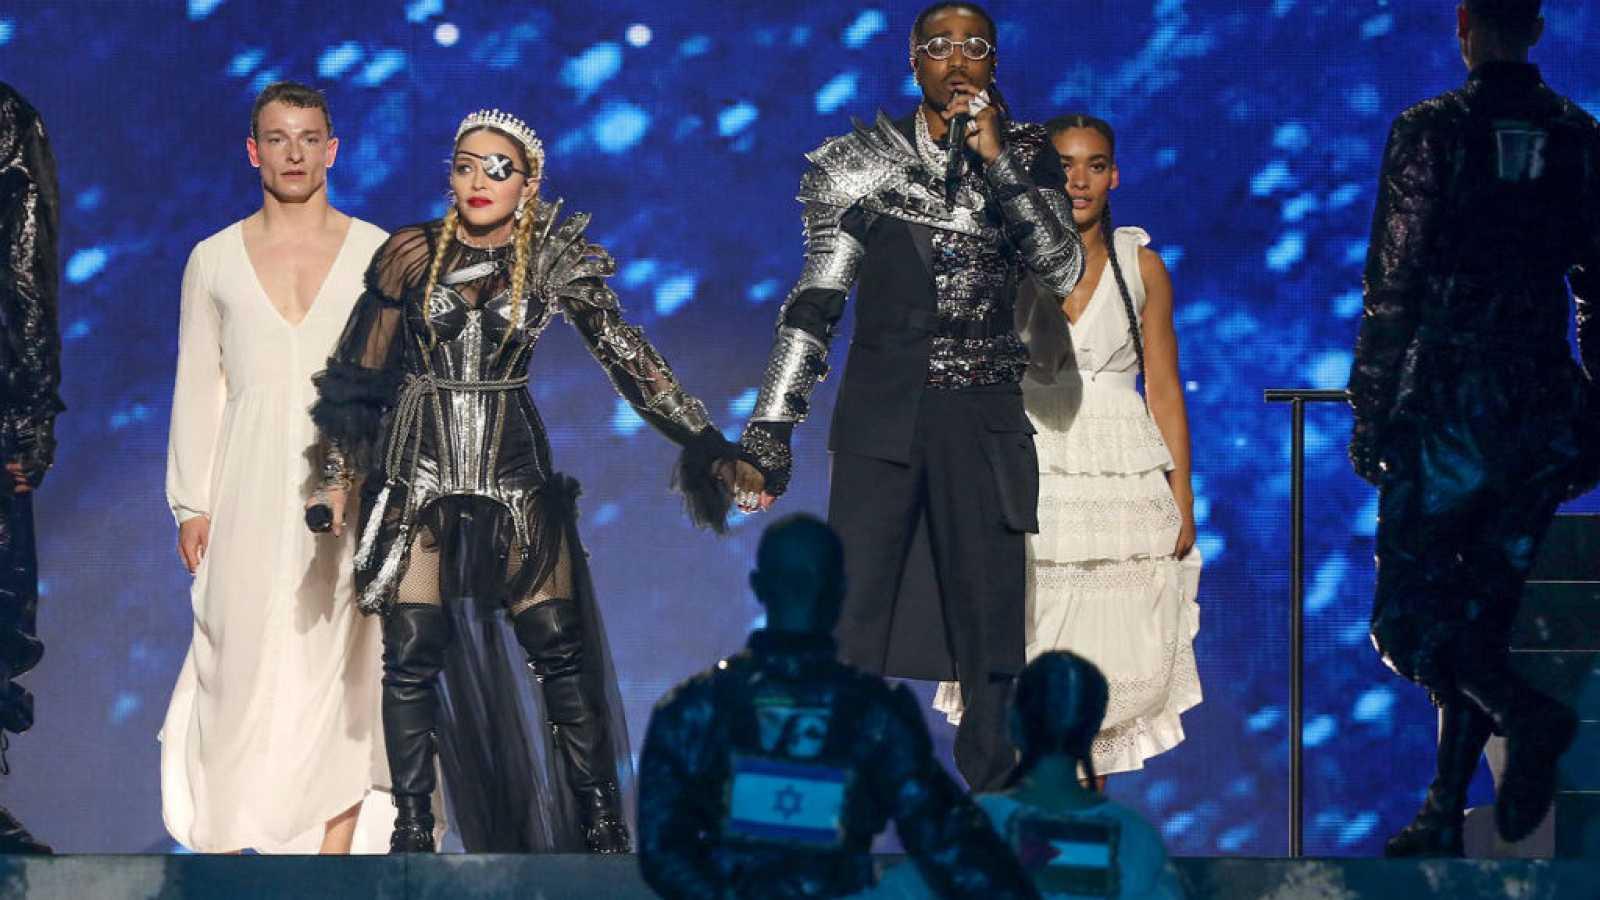 Universo - Eurovisión - La hora Madonna en Tel Aviv - 18/04/19 - Escuchar ahora